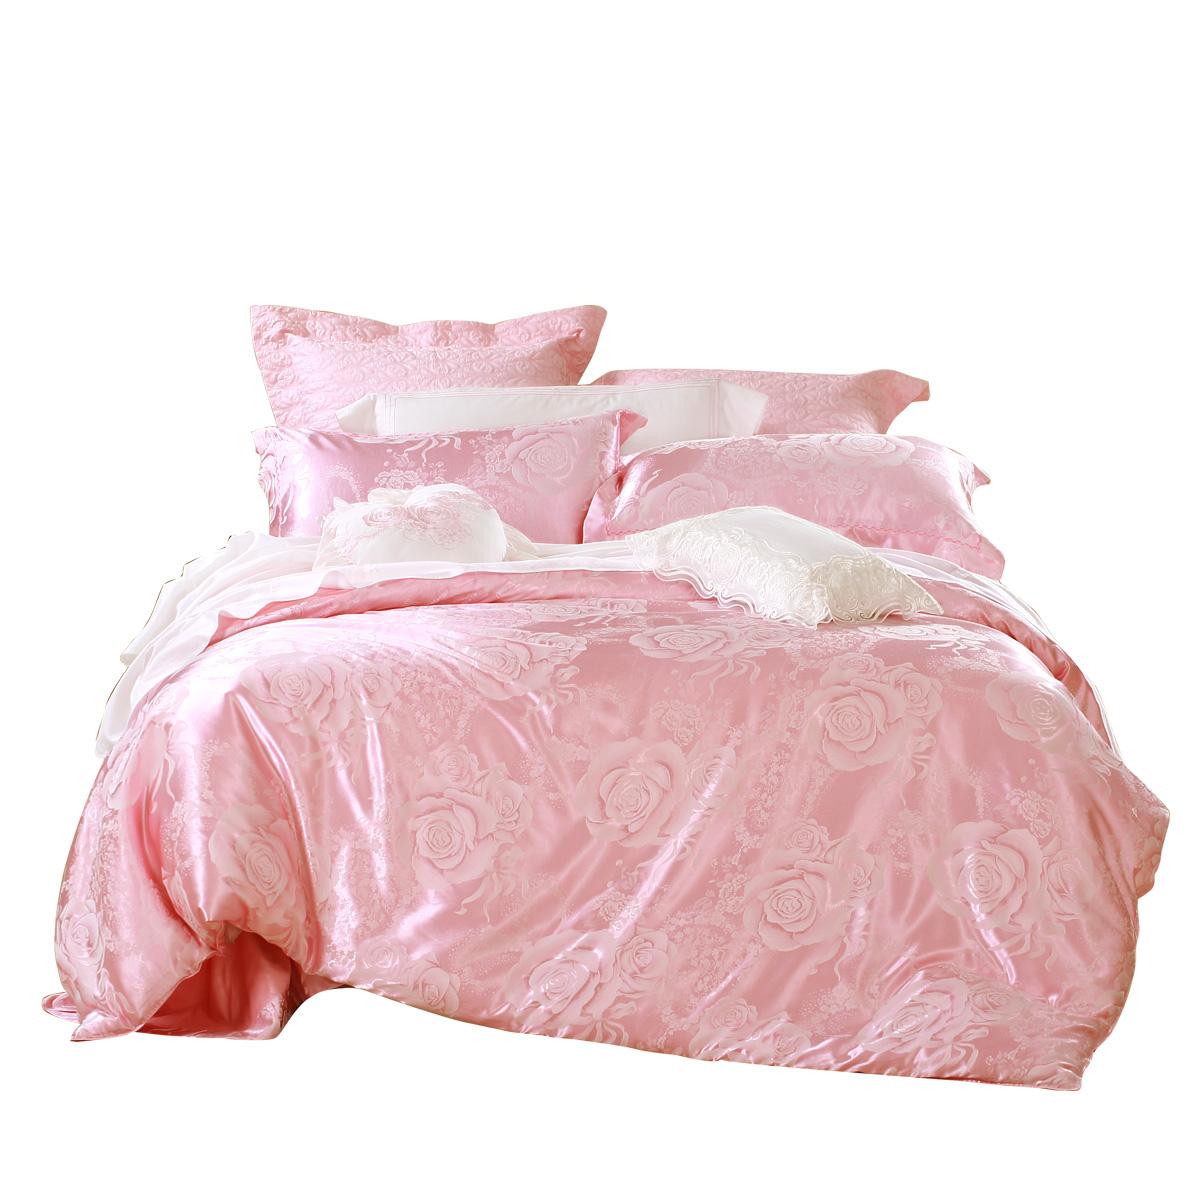 百丽丝家纺欧式提花四件套床上用品结婚被套1.8m床床单被套床品